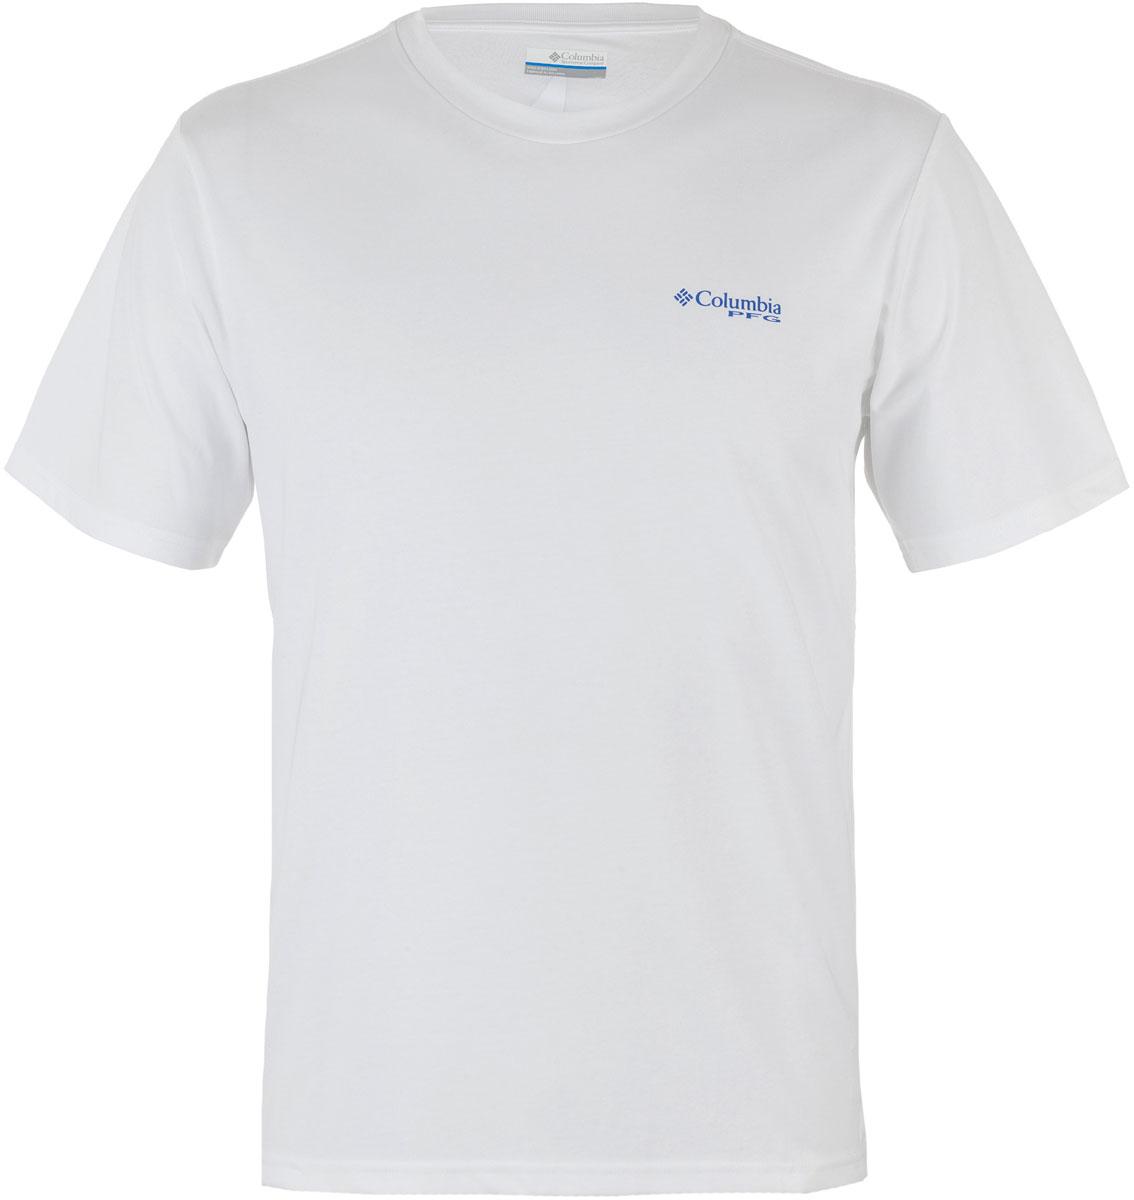 Футболка мужская Columbia PFG Shoreline Slam II SS T-shirt, цвет: белый. 1717161-100. Размер L (48/50)1717161-100Футболка Columbia - оптимальный вариант для активного отдыха и повседневного использования. Модель выполнена из смеси хлопка и полиэстера, обеспечивает максимально комфортные ощущения во время использования, быстро сохнет и не мнется.